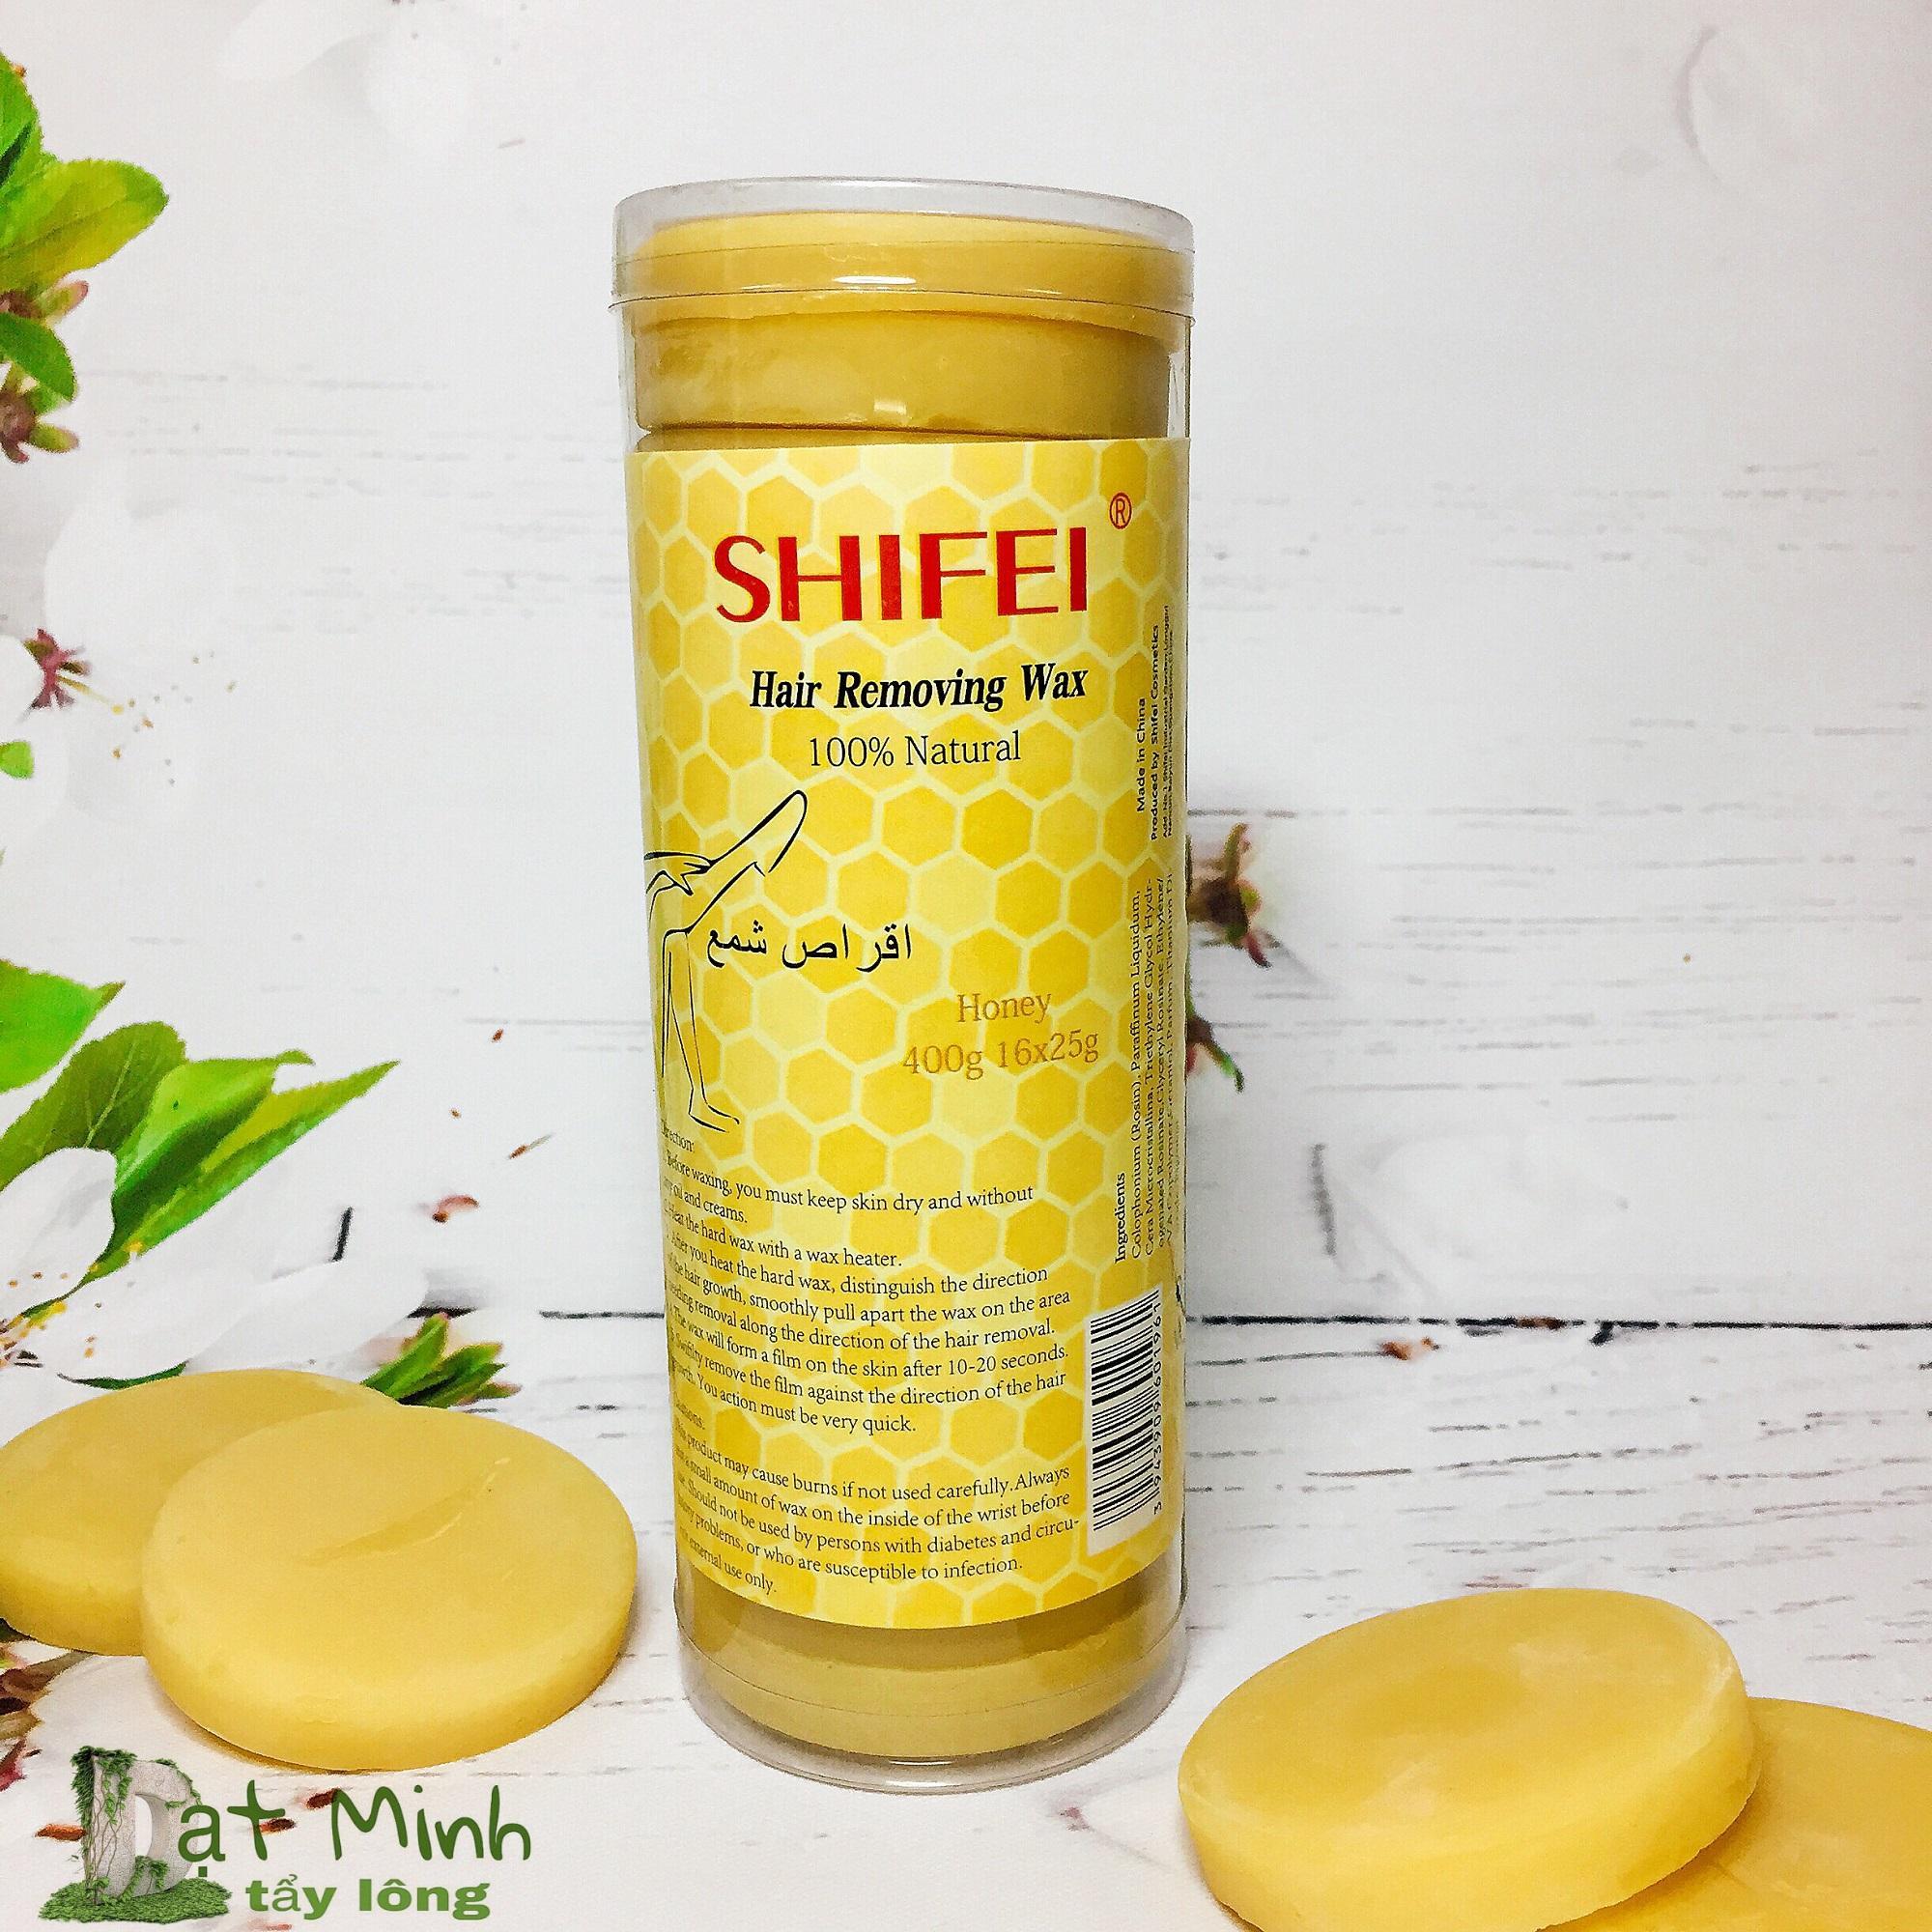 SÁP WAX NÓNG TRIỆT LÔNG VÙNG KÍN Shifei hard wax, tẩy lông tận gốc.